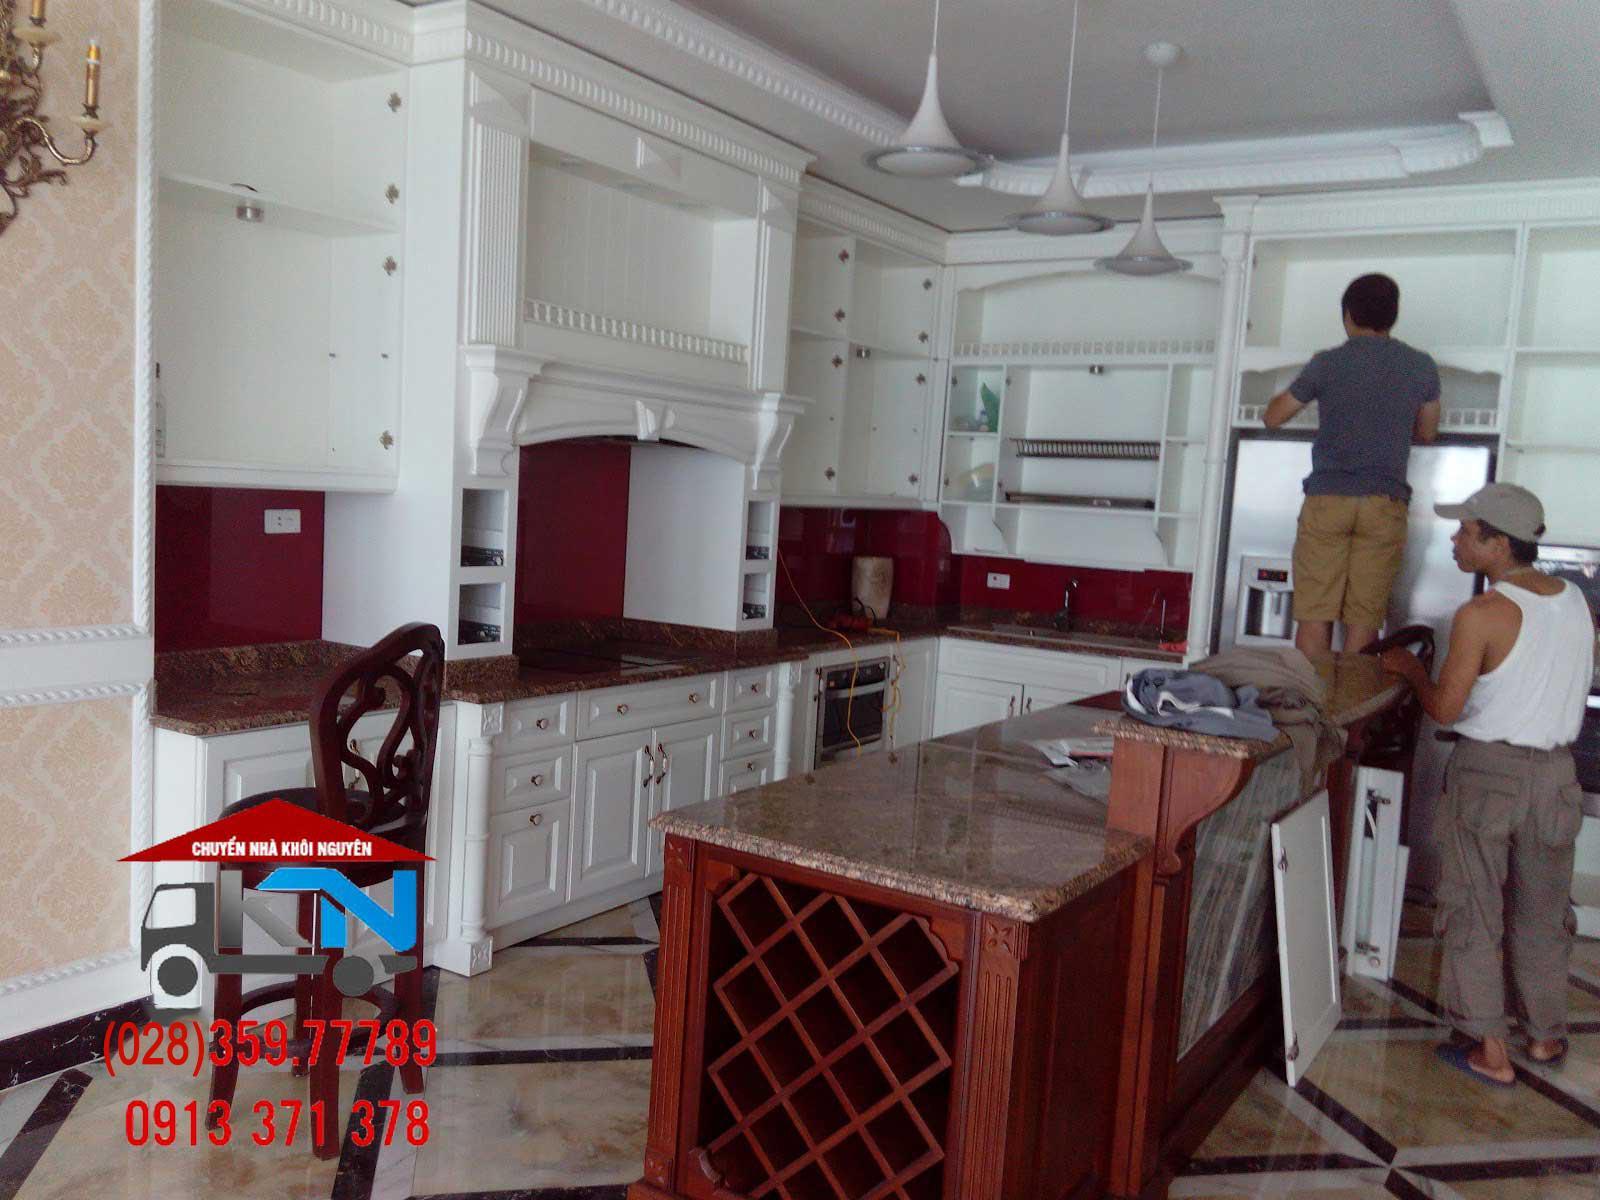 Thợ mộc sửa chữa tủ bếp tại nhà